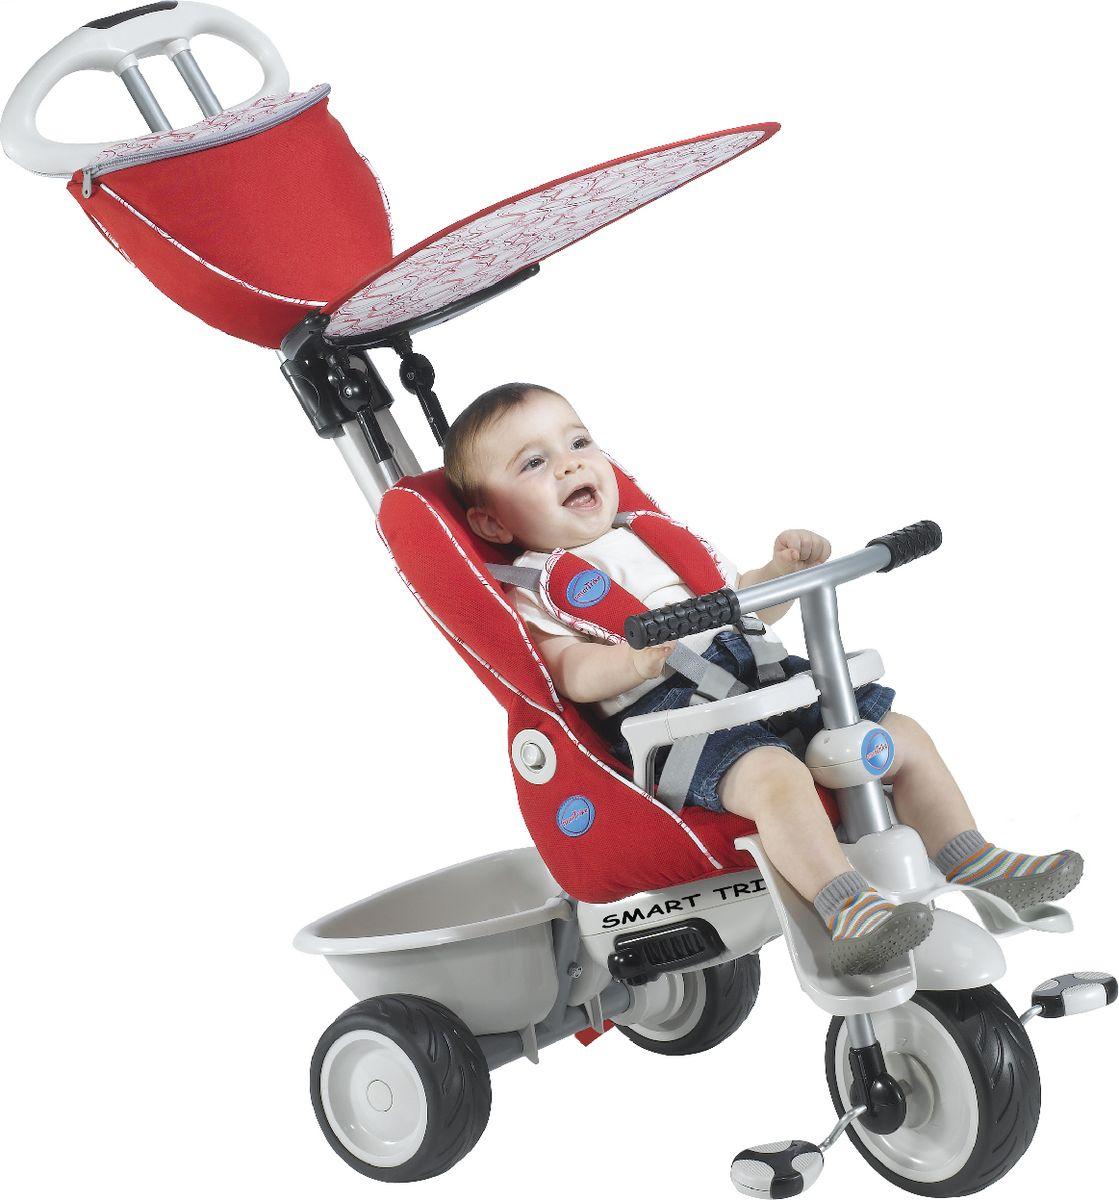 Smart Trike Велосипед трехколесный Recliner цвет красный1911900Трехколесный велосипед Smart Trike Recliner выполнен из прочного пластика и металла. Сиденье велосипеда оборудовано ремнем безопасности, также велосипед имеет небольшой багажник для игрушек. Это единственный на сегодняшний день велосипед, рассчитанный на самых маленьких детей в возрасте от шести месяцев. Учитывая физические особенности малыша, у велосипеда есть дополнительная подставка для ножек шестимесячных детей. Мягкое удобное сиденье, оборудованное 3-точечными ремнями безопасности и защитным поручнем, сделает прогулку не только комфортной, но и максимально безопасной. Сиденье имеет возможность регулировки удаленности от руля в двух положениях, а благодаря высокой спинке, которую можно опускать при нажатии на кнопку, и дополнительной боковой поддержке для головы, малыш сможет ехать полулежа и даже вздремнуть во время прогулки. Основные характеристики: резиновые колеса 8,4 / 6,4; управляющая ручка с внутренней тягой; 2 подножки; мягкая накидка на сиденье; 3-точечный ремень безопасности; страховочный обод; корзина; съемный солнцезащитный тент с возможностью регулировки обеспечивает ребенку защиту от ультрафиолетового излучения солнца на 30%; ножная тормозная система; свободный ход педалей; регулировка наклона спинки; регулировка сиденья в 2-х положениях; сумка; держатель для бутылки.Какой велосипед выбрать? Статья OZON Гид